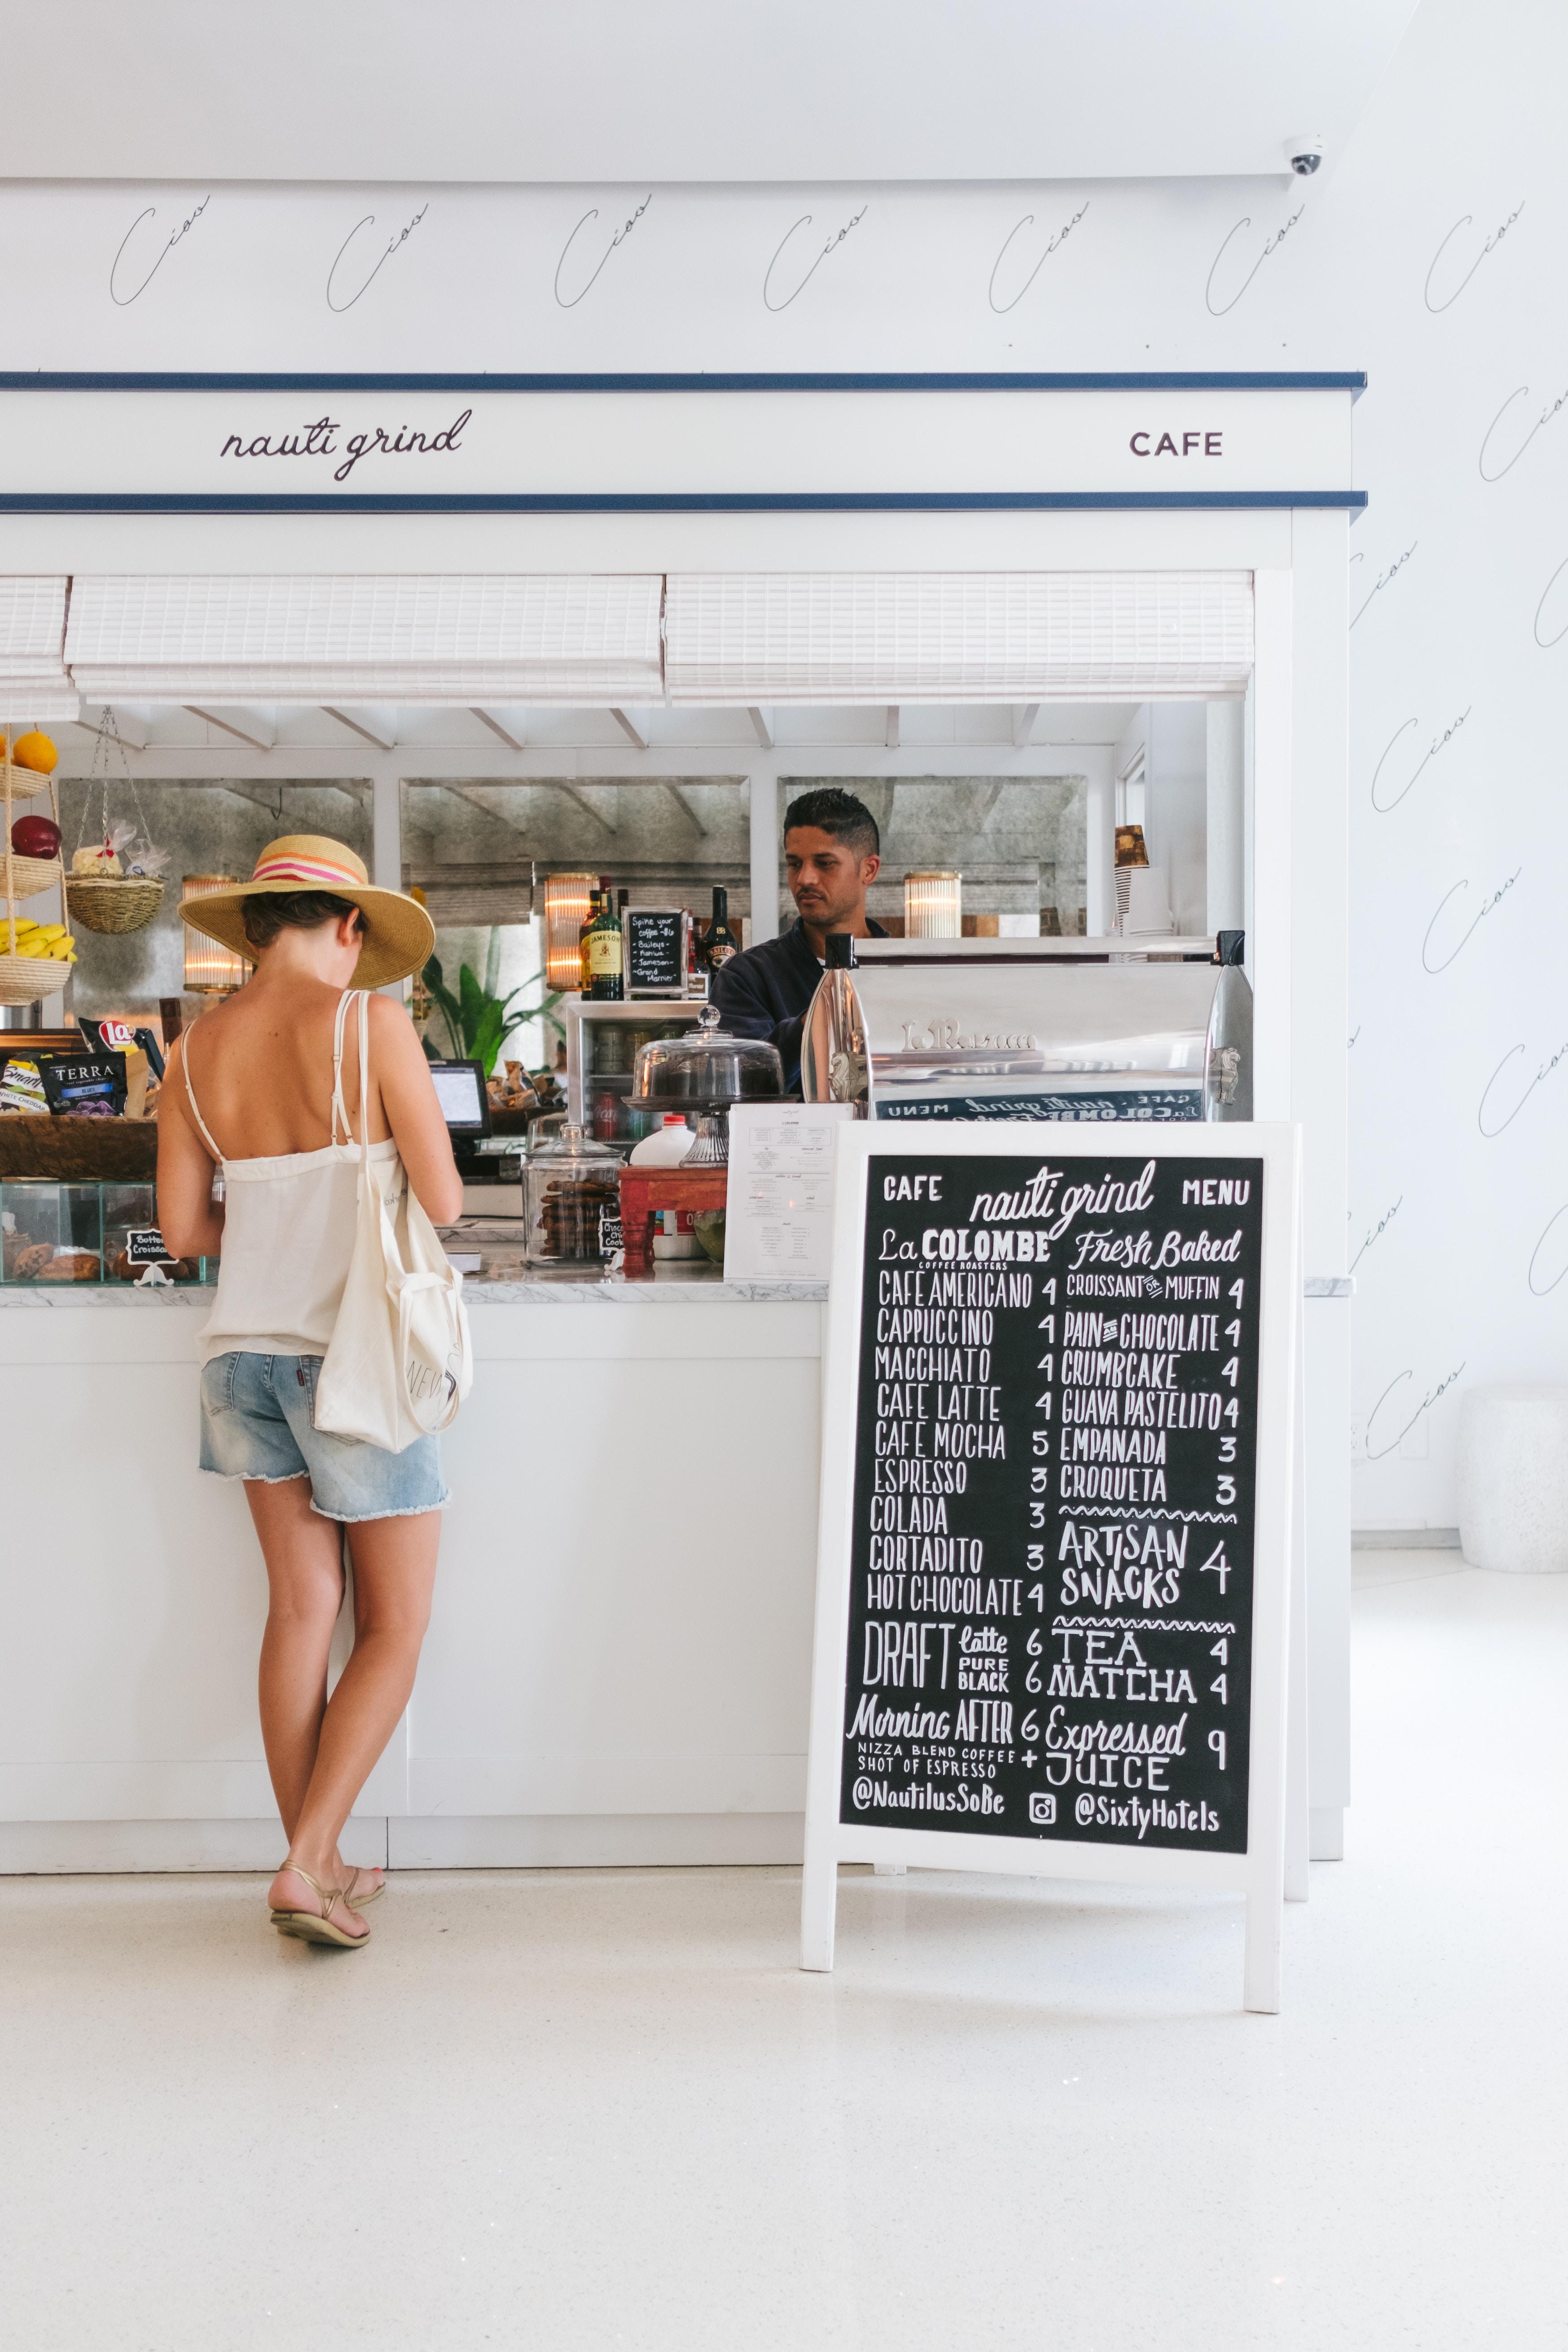 Small business cafe social media facebook digital marketing